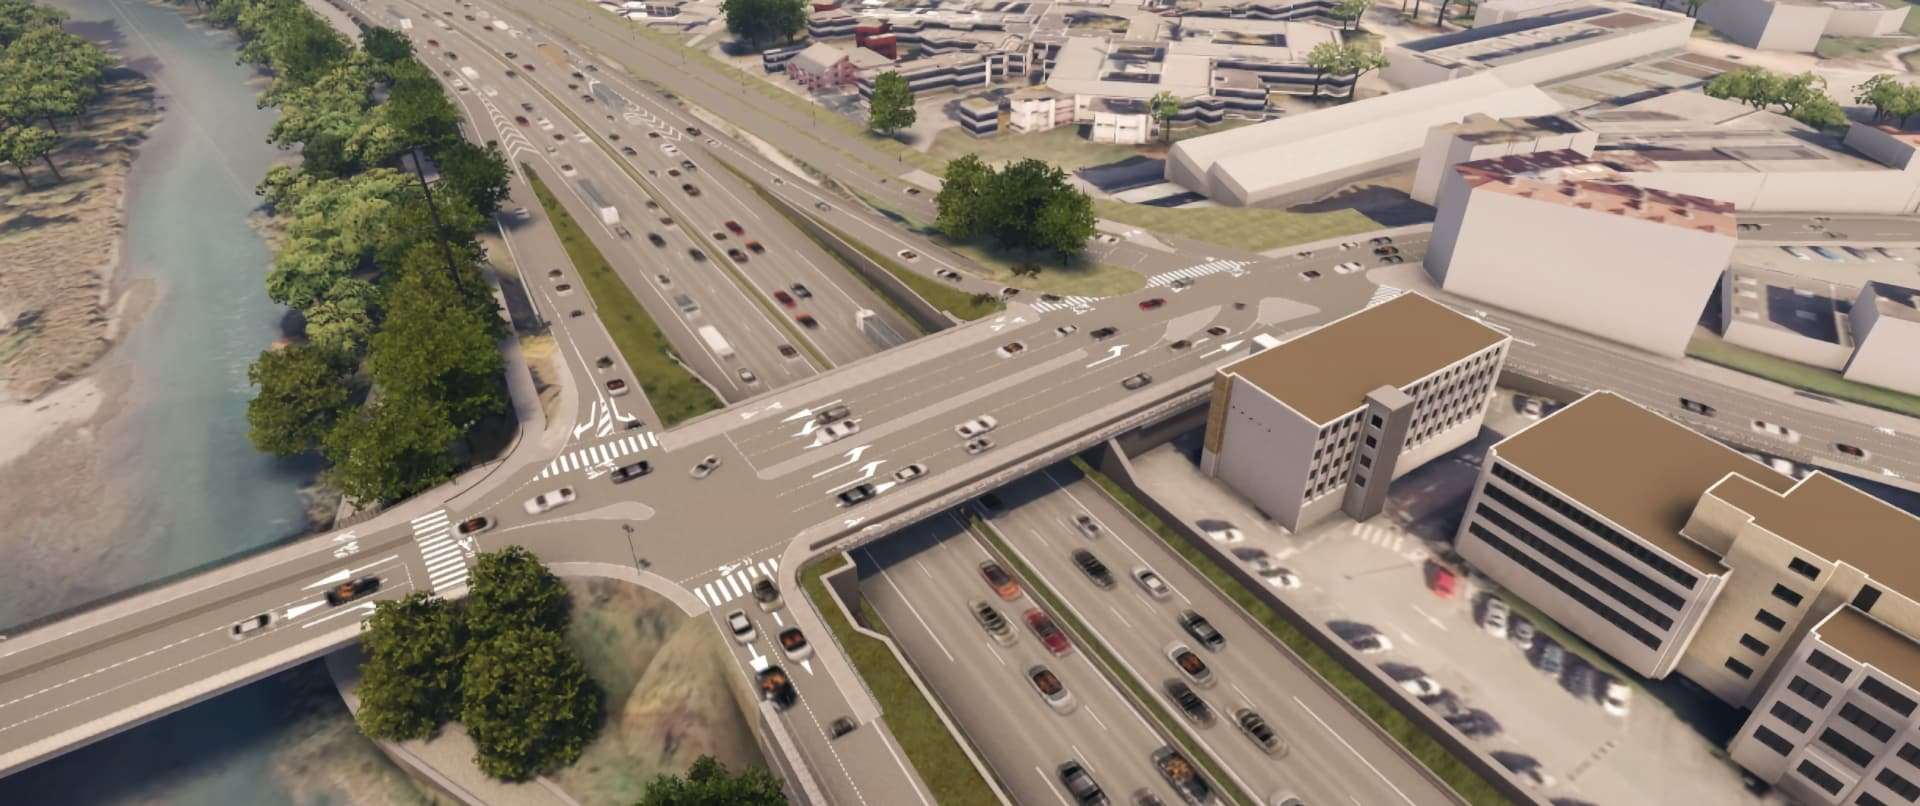 rendu 3D de l'extention en deux fois deux voies du pont de Vercors au dessus de l'autoroute A480